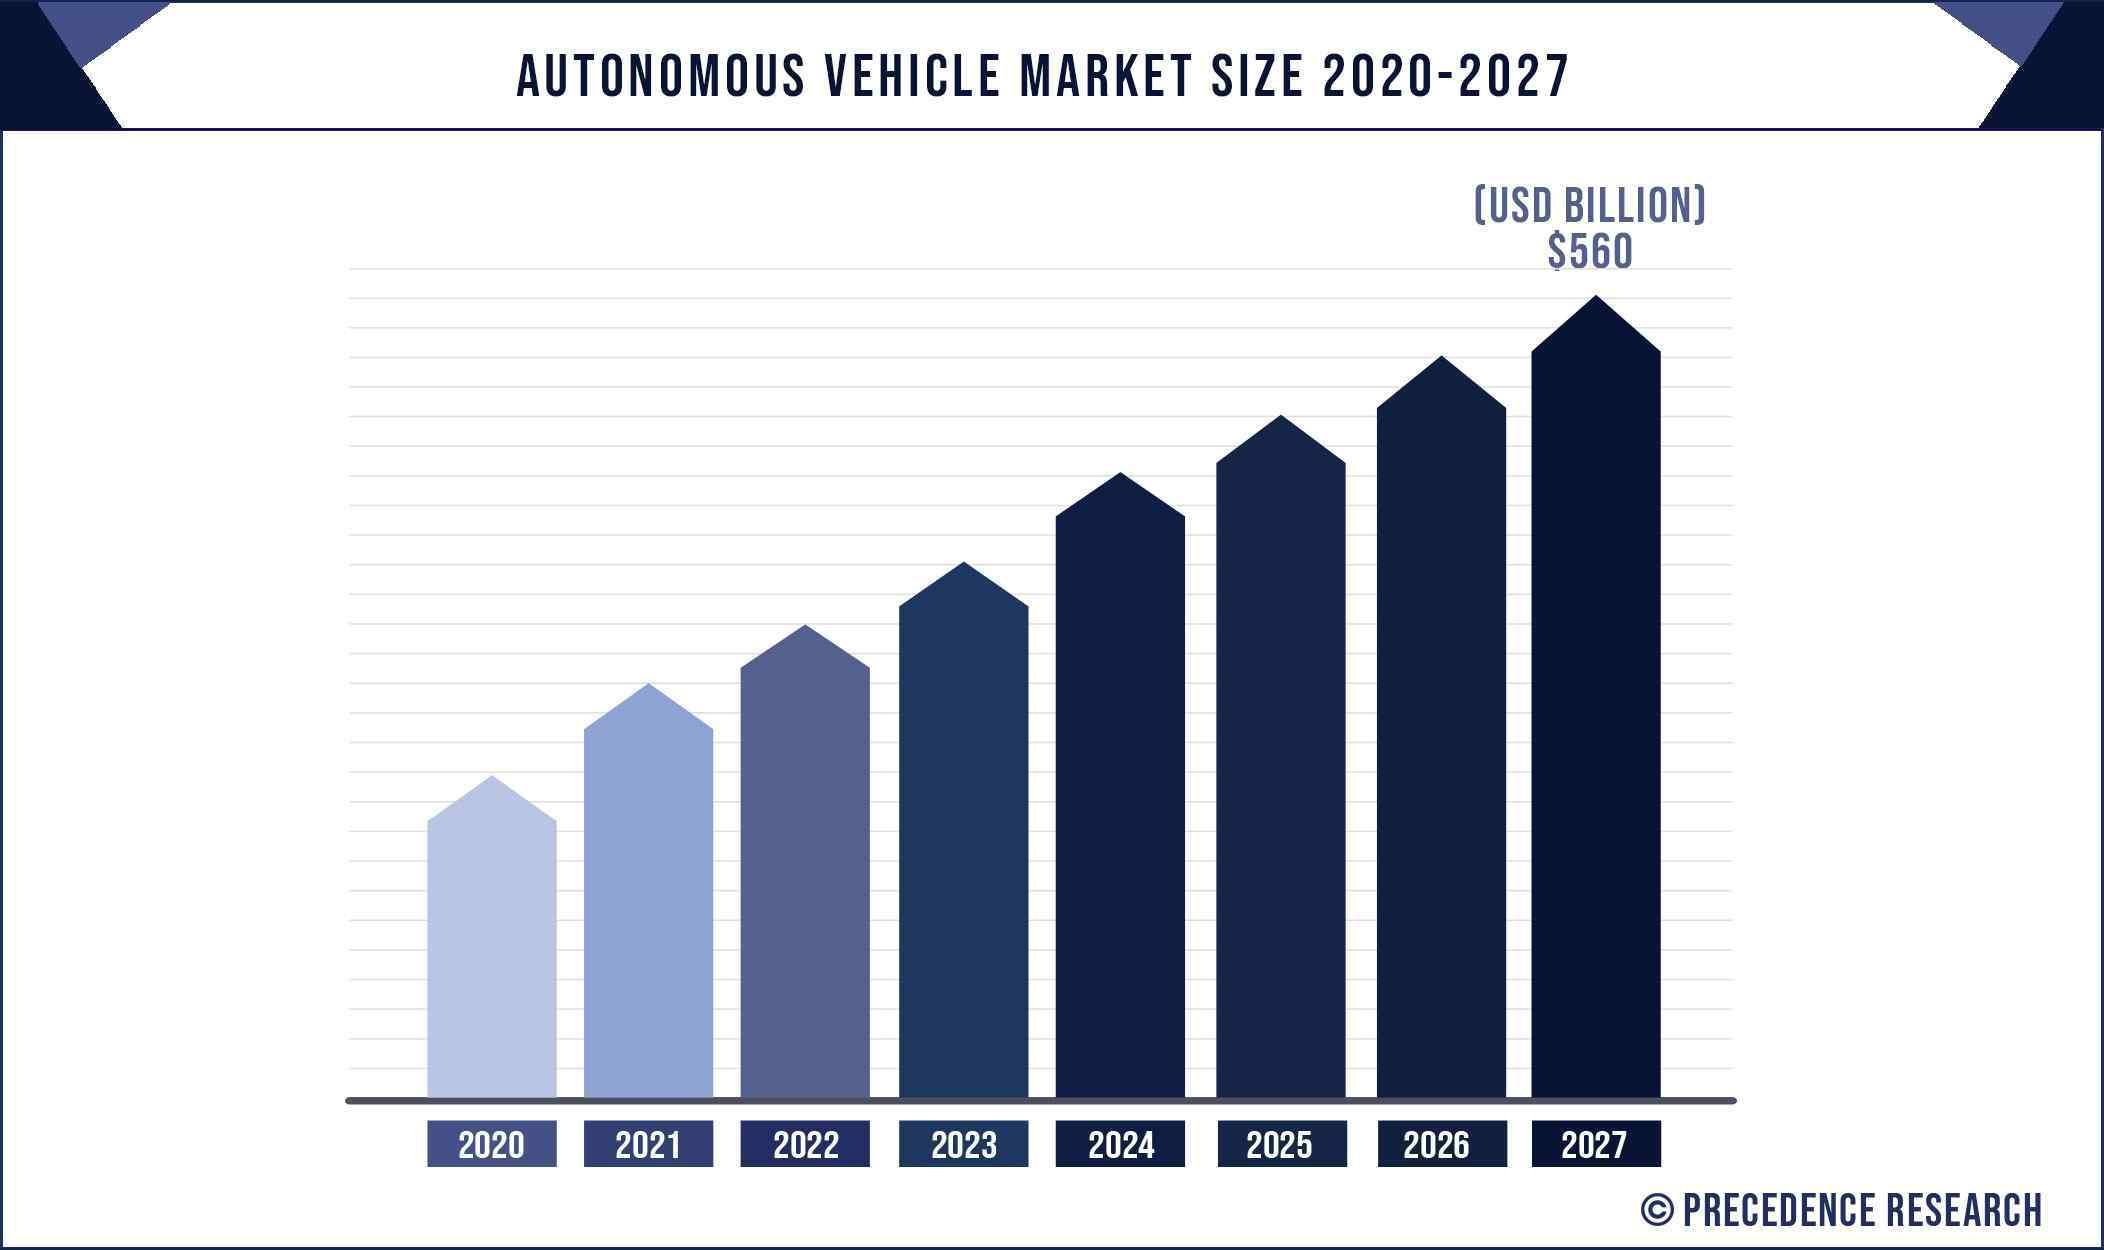 Autonomous Vehicle Market Size 2020 to 2027